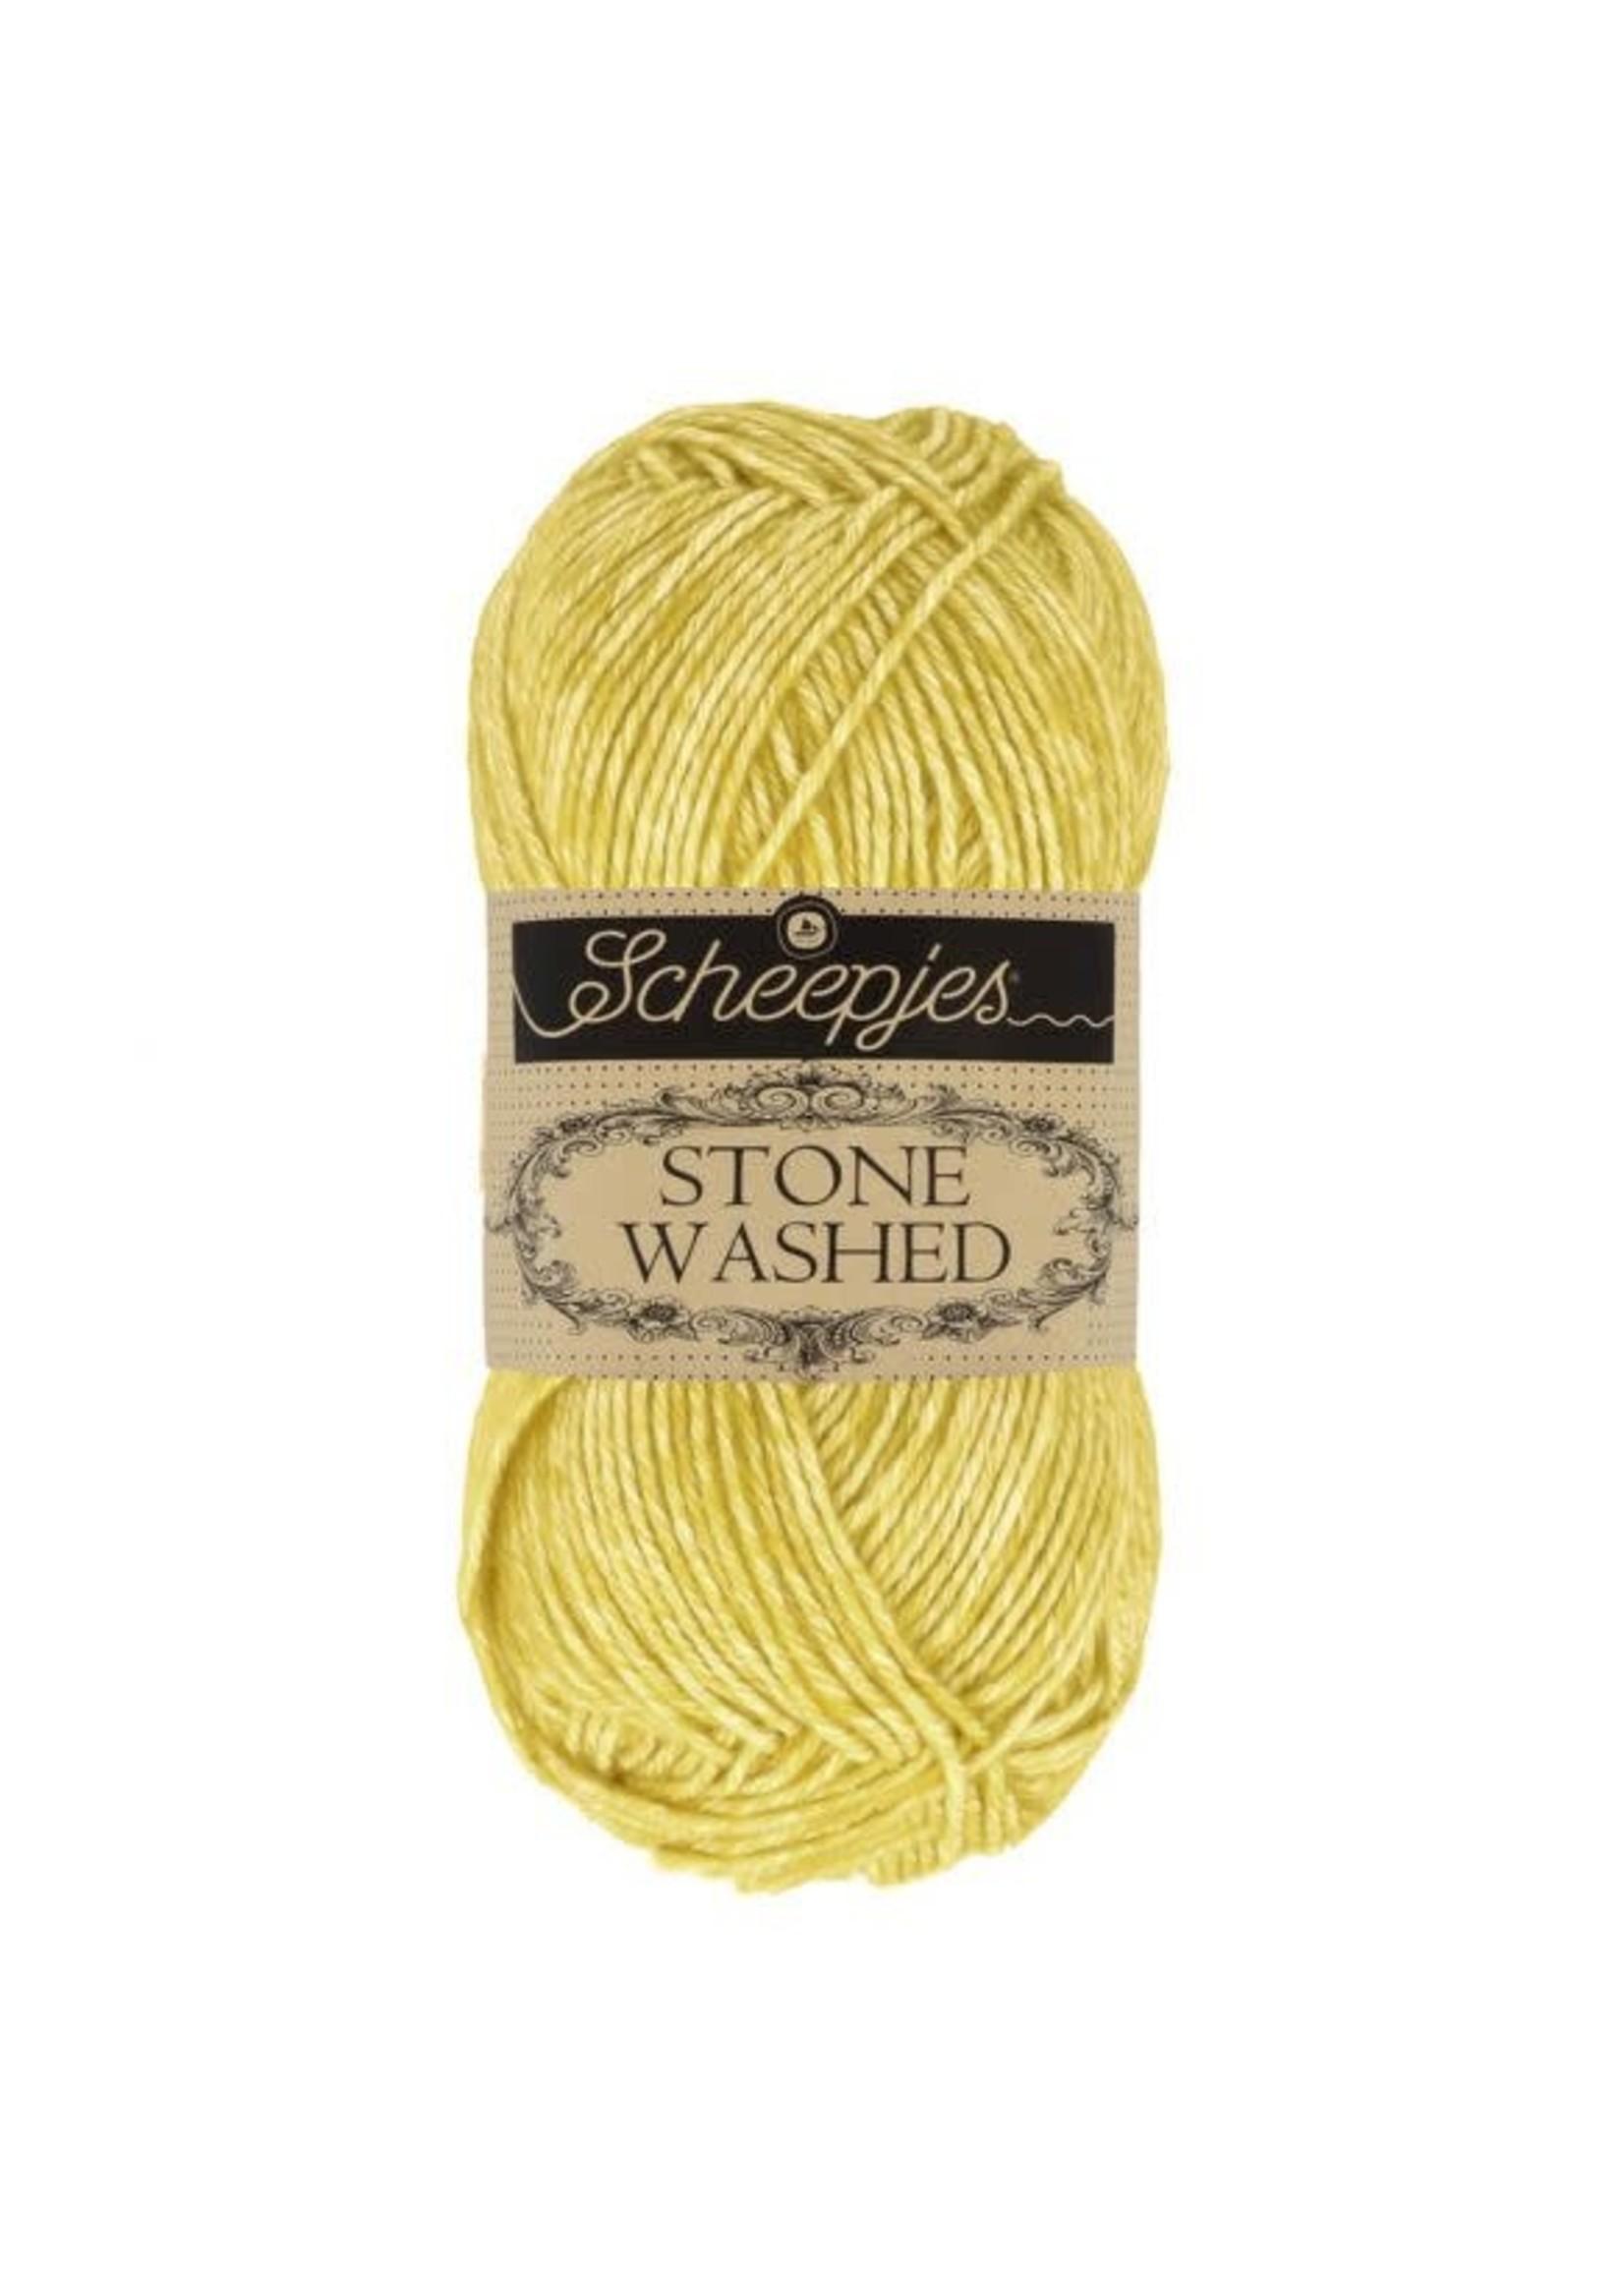 Scheepjes Stone Washed 50gr - 812 Lemon Quartz